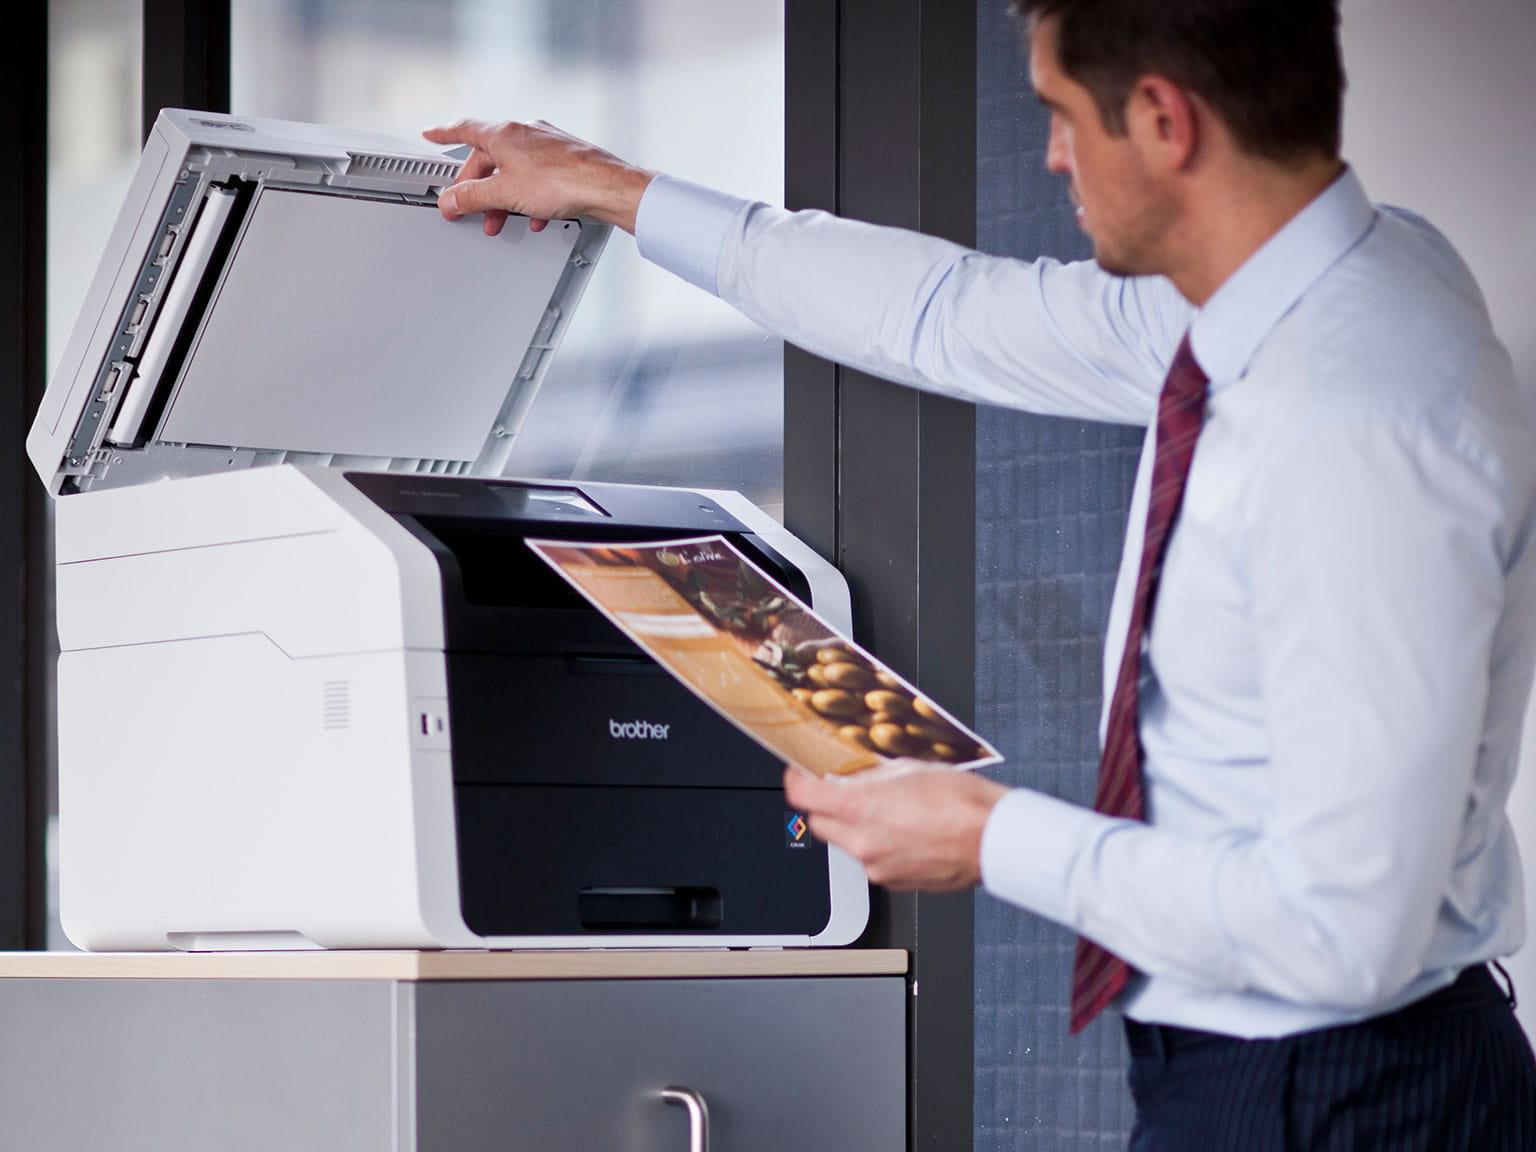 store virksomheder scan løsninger